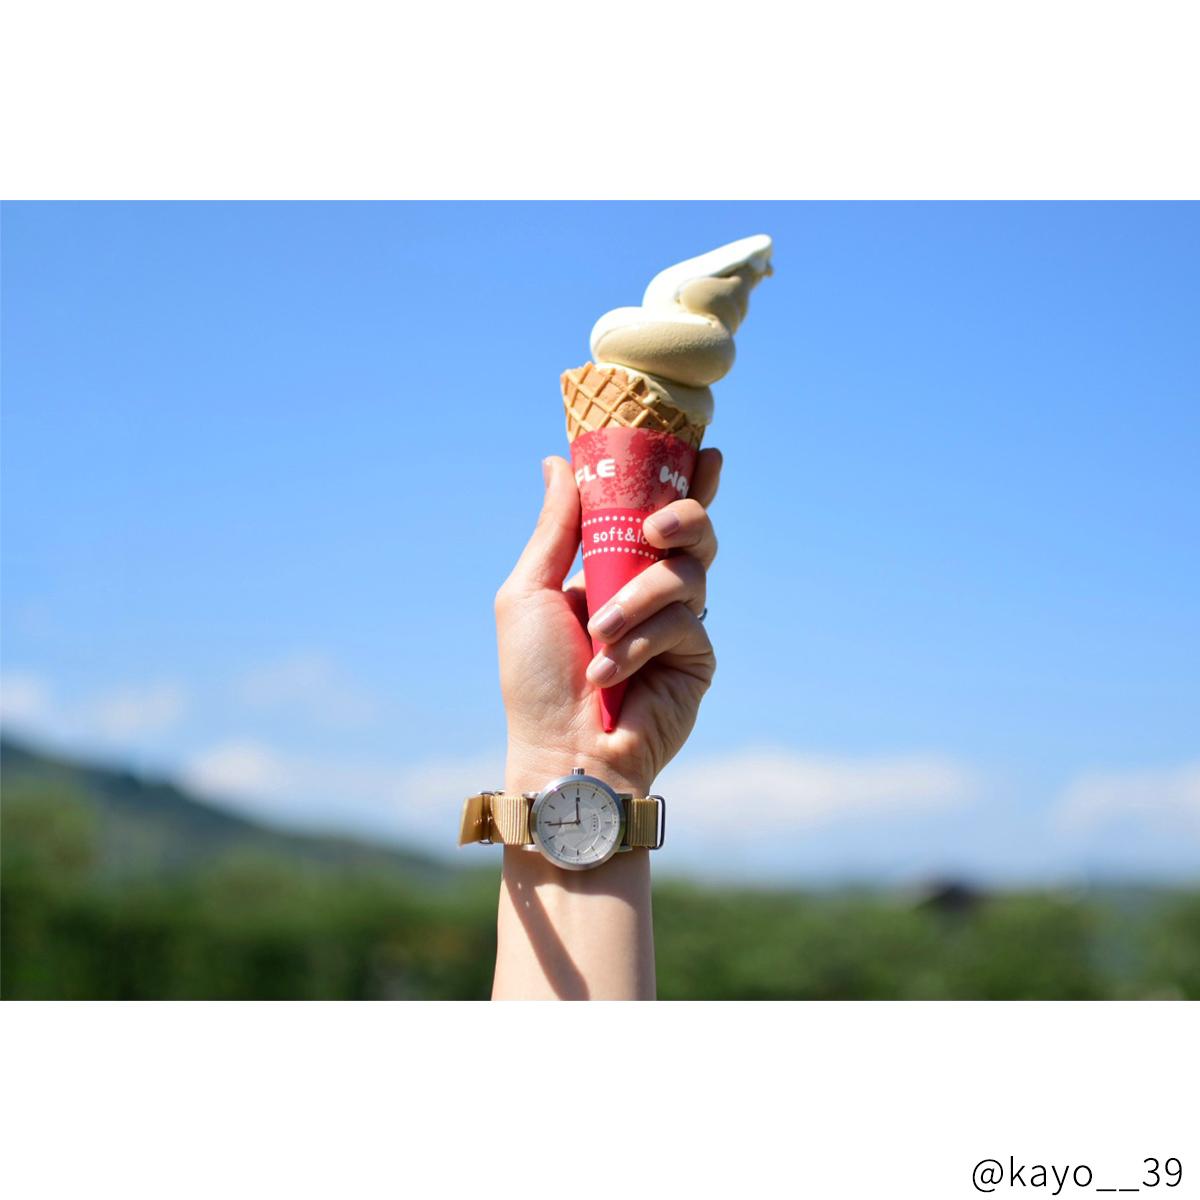 Lauss <2つ合わせて無限の愛> ハーフ・インフィニティ ペアウォッチ イニシャル・記念日彫刻 opw001 (ウォッチ専用パッケージ)conpact